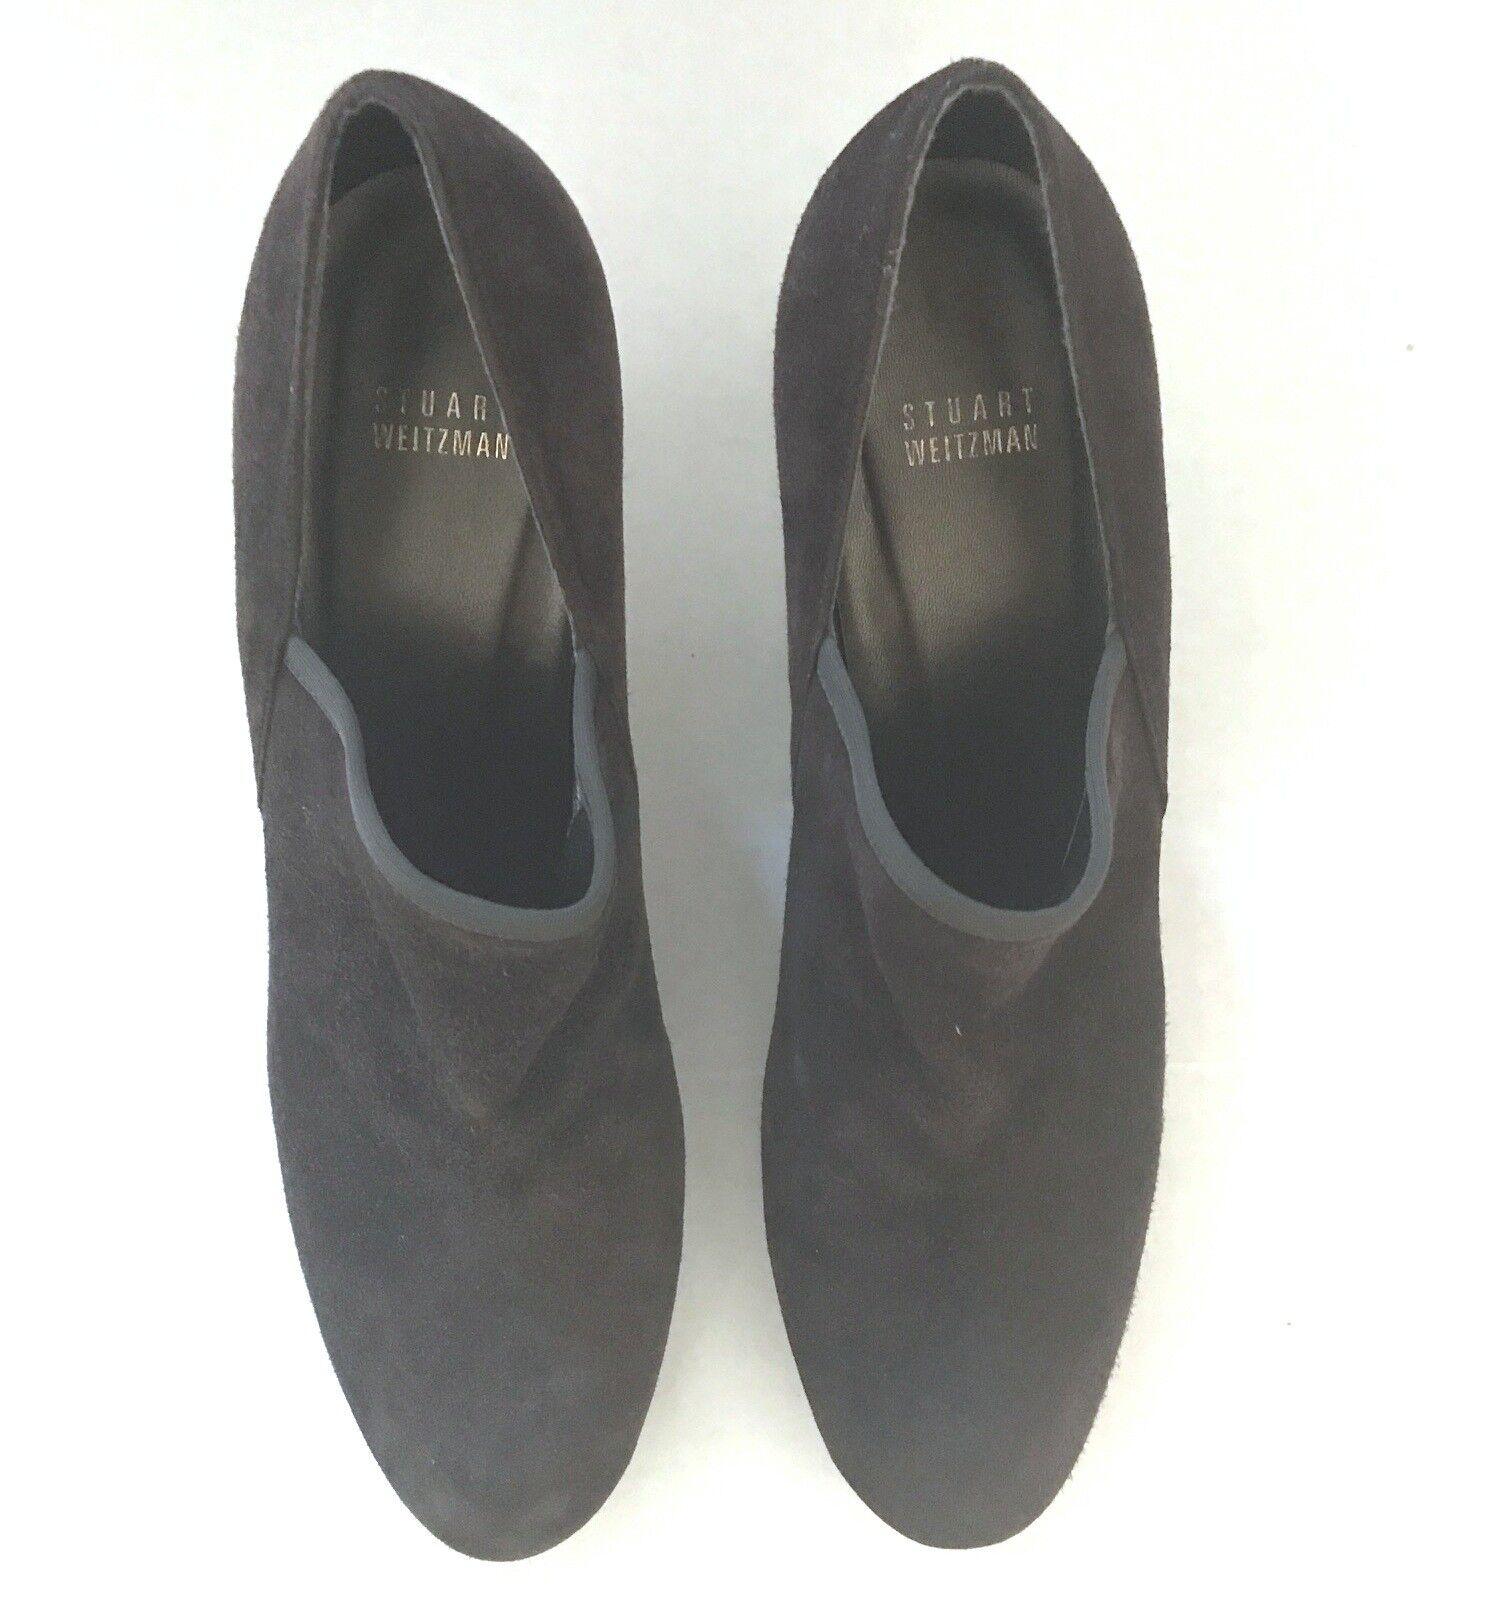 STUART WEITZMAN 11M Cola BROWN BROWN BROWN Suede Homestretch Heels Booties shoes  345 NIB 11 ee53cf